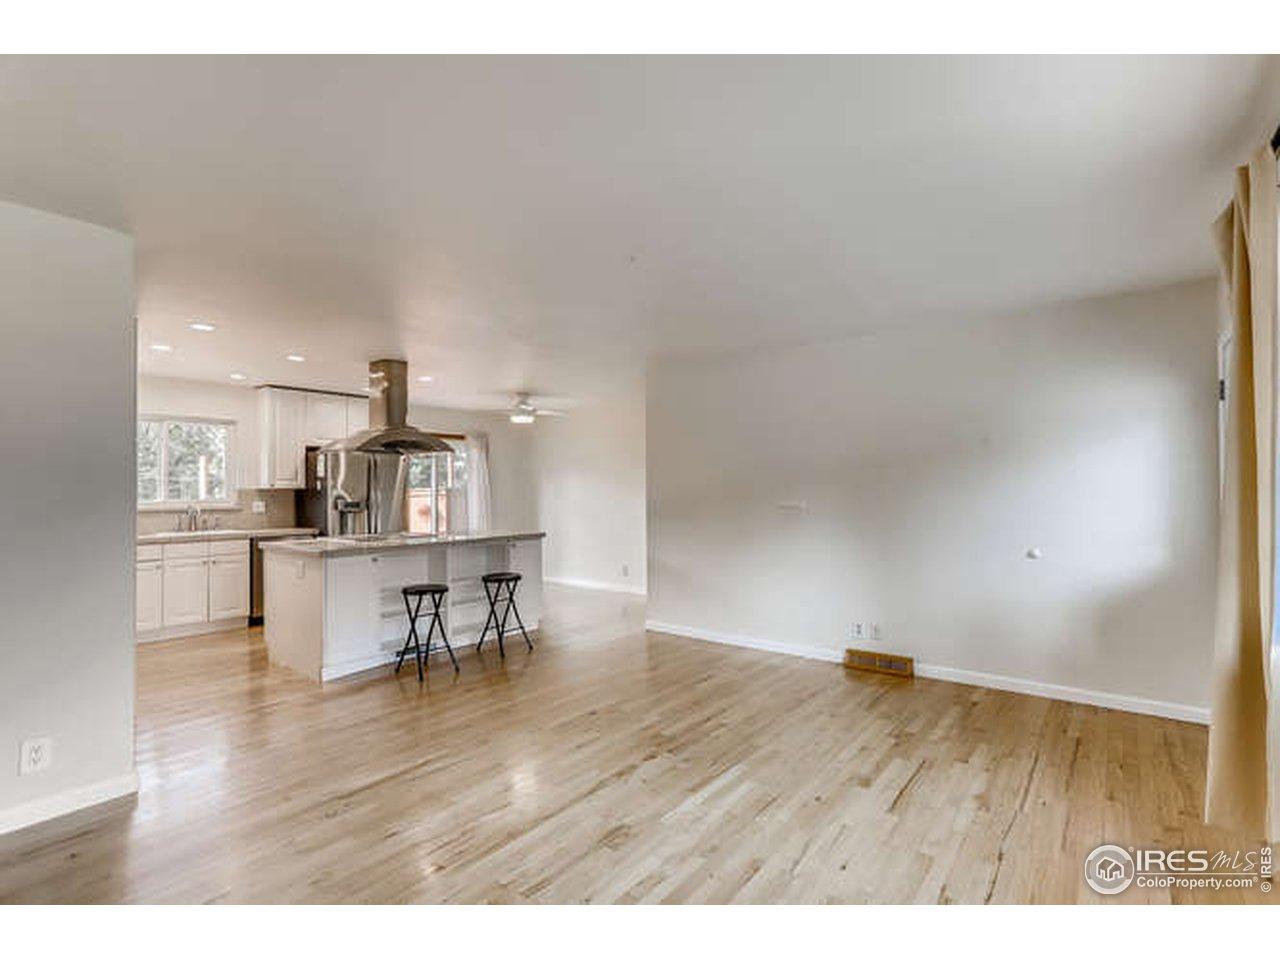 Wood Floors Throughout Main Floor